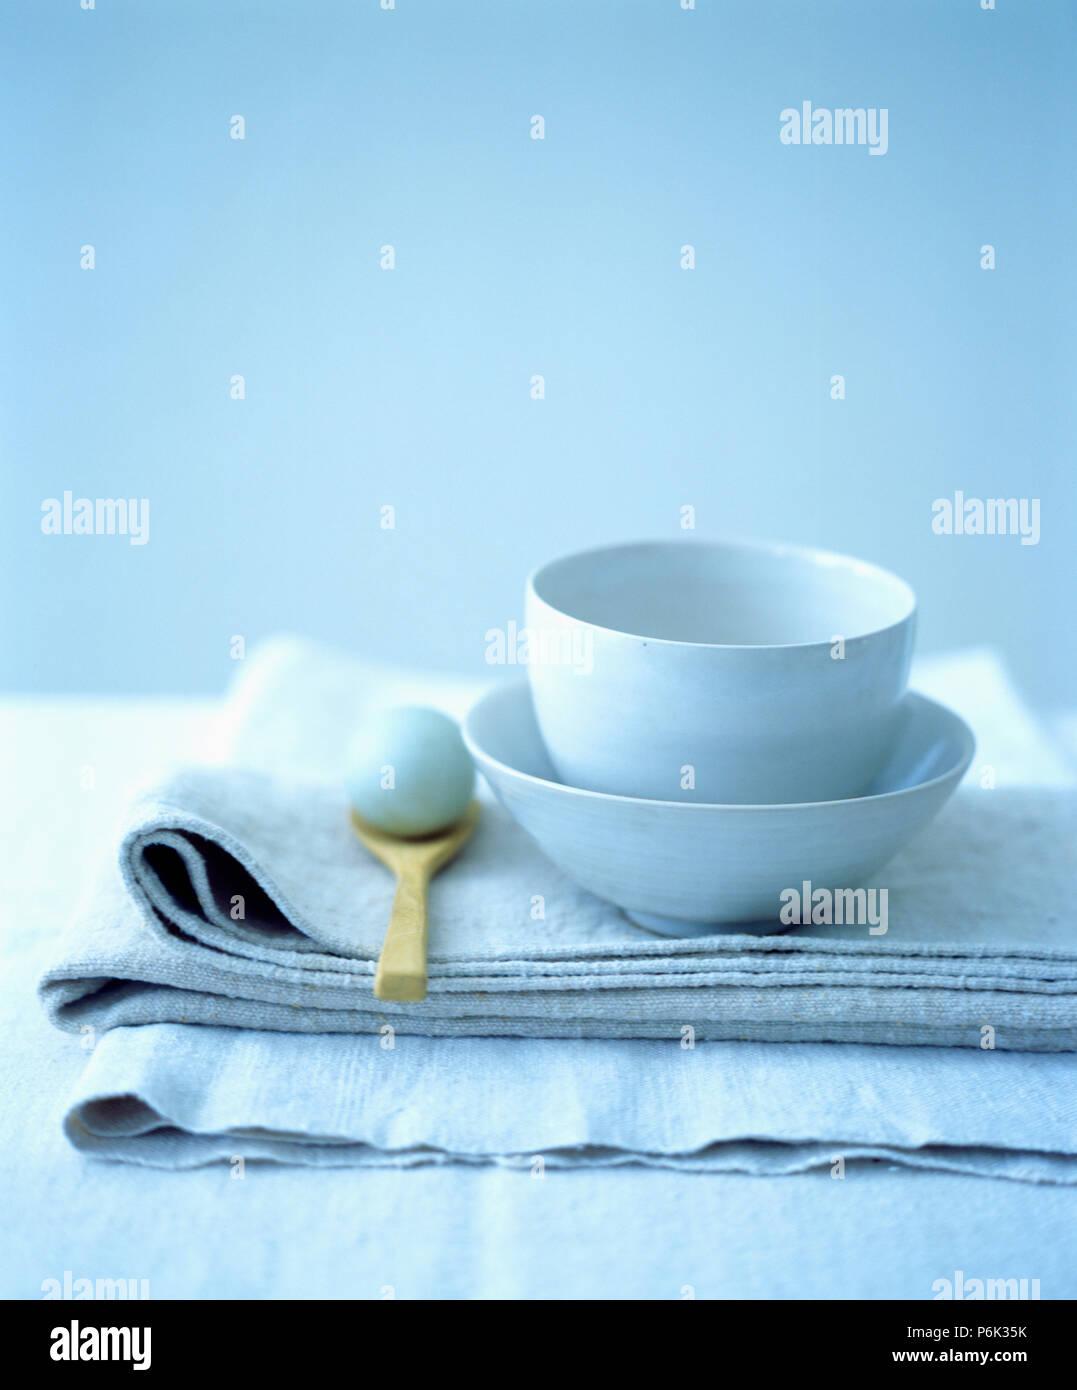 Close-up von zwei weiße Keramik Schalen auf gefaltete Leinentüchern Stockfoto